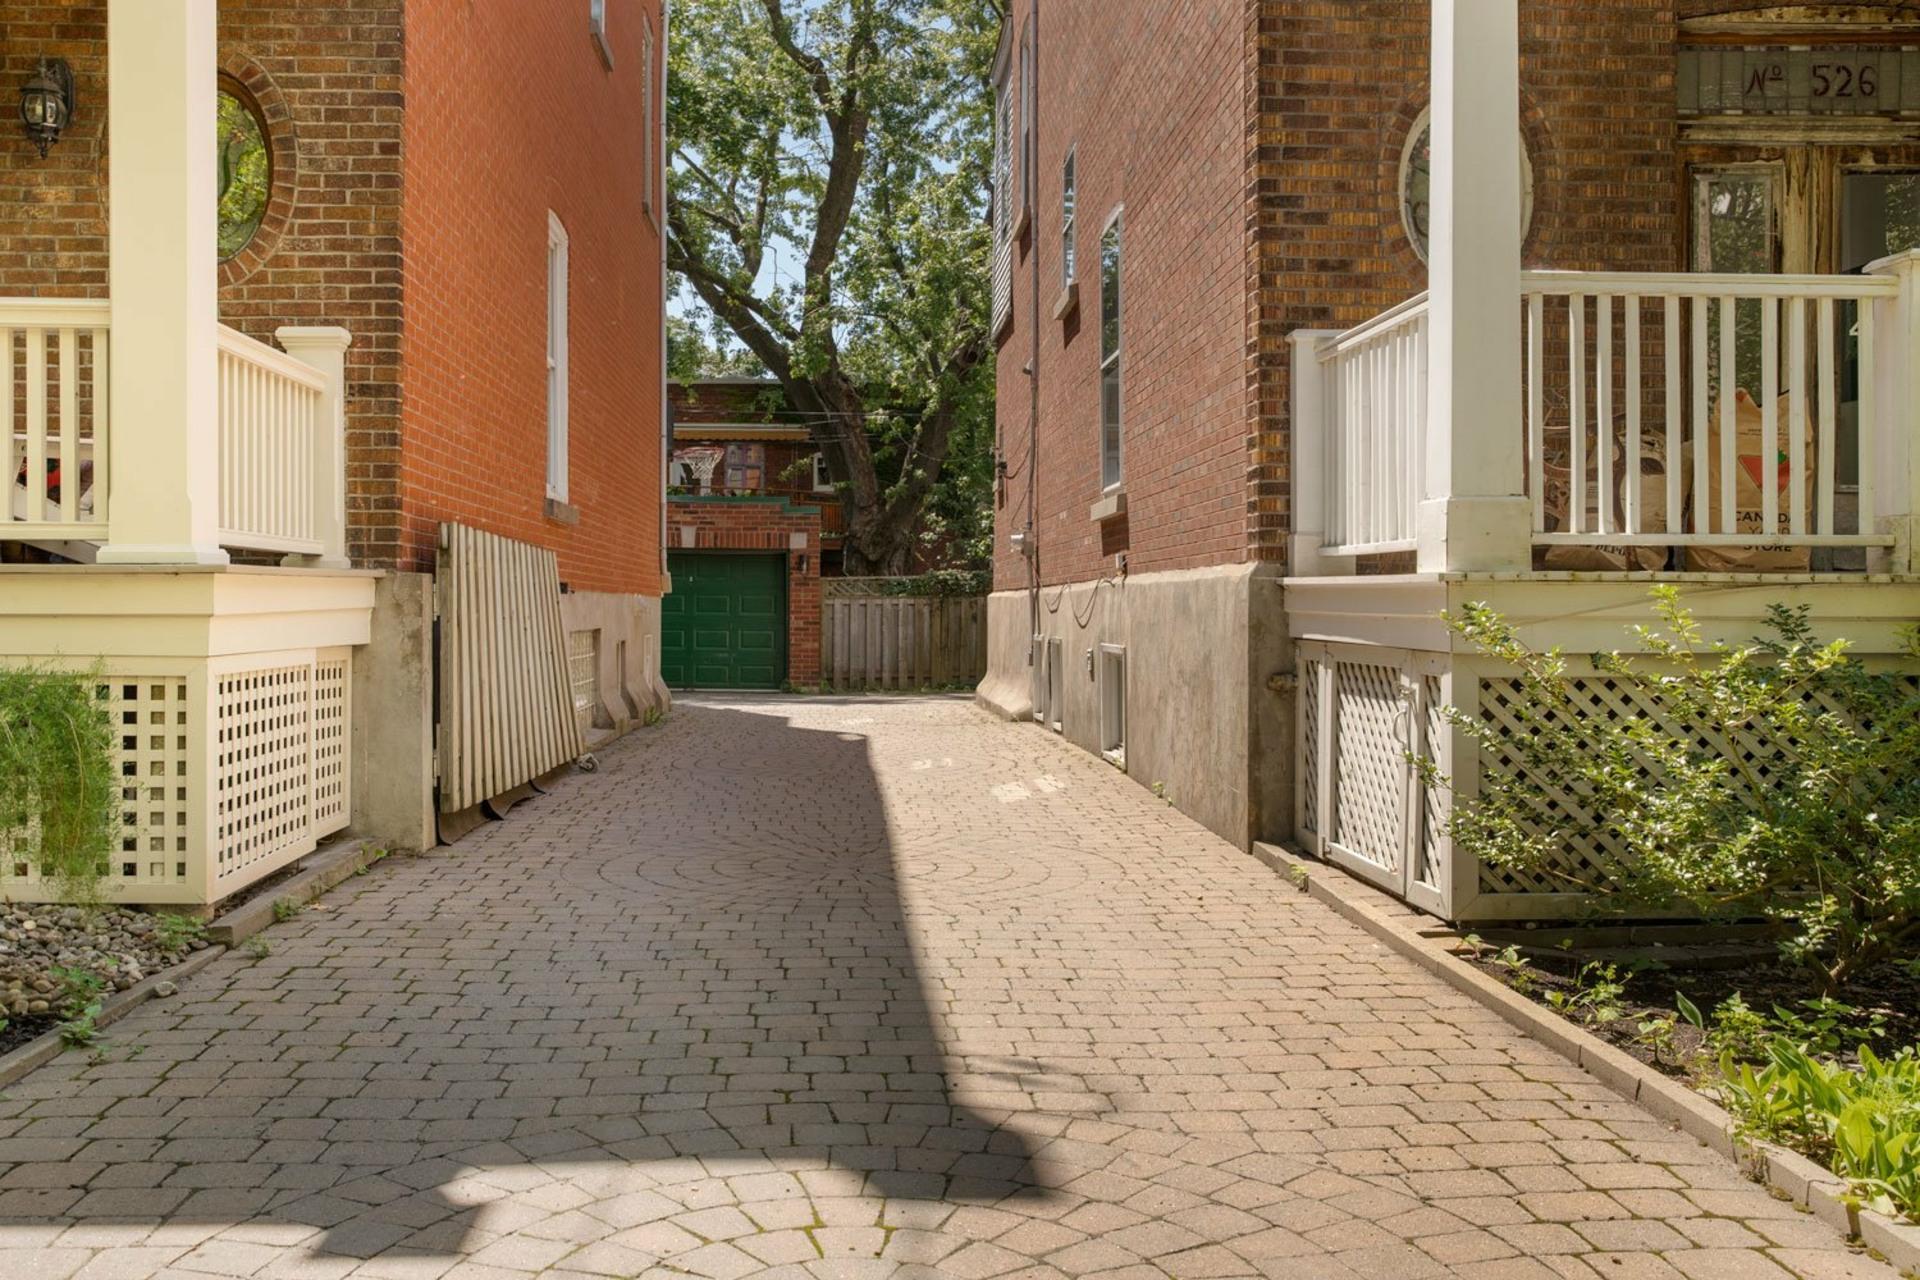 image 21 - Maison À vendre Côte-des-Neiges/Notre-Dame-de-Grâce Montréal  - 10 pièces